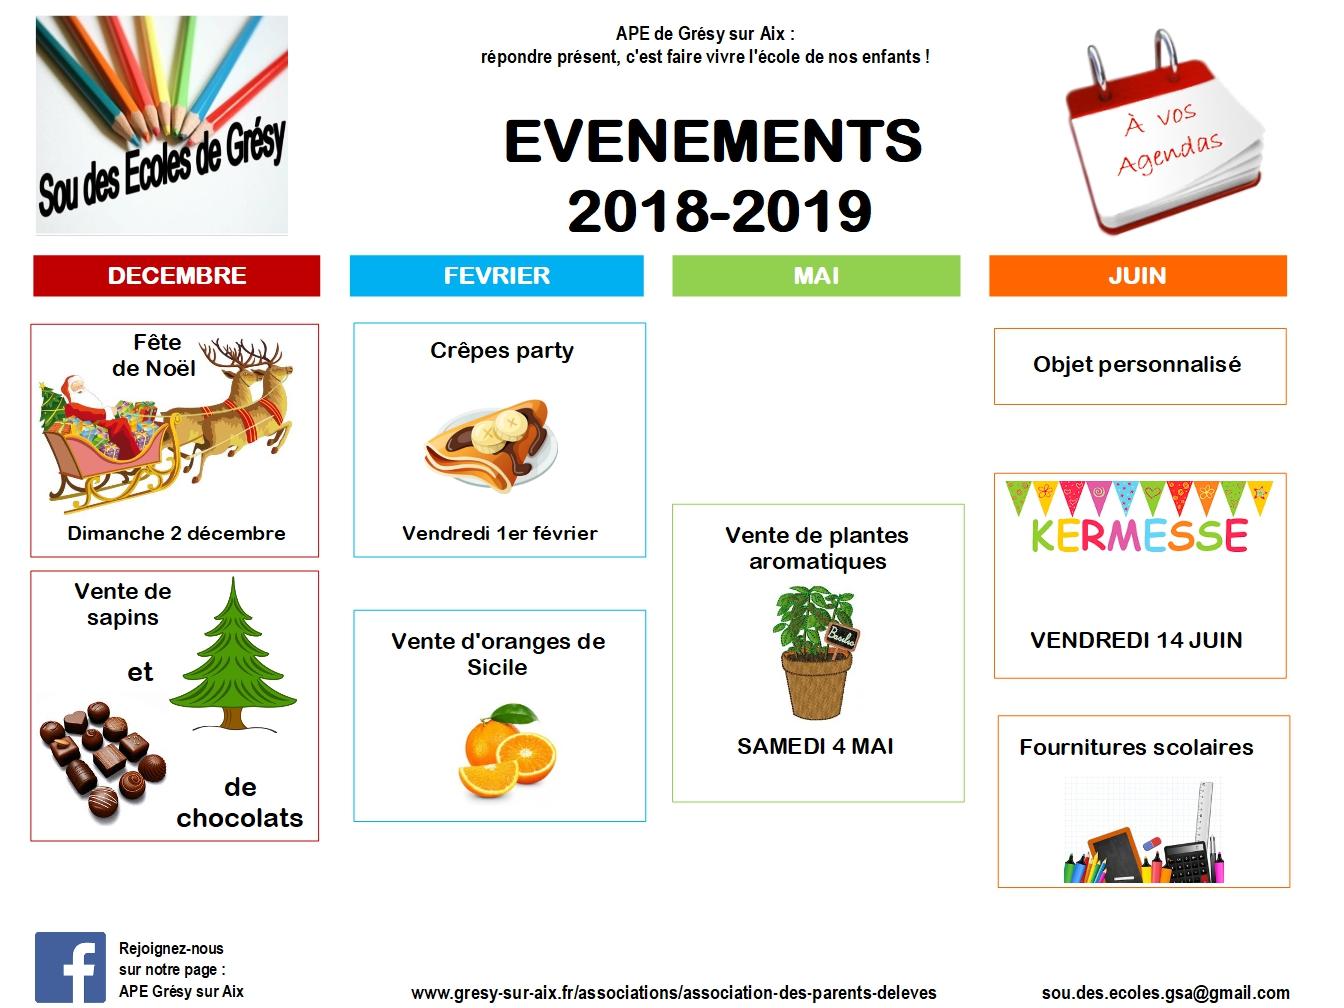 association des parents d'élèves de grésy sur aix agenda 2018 2019